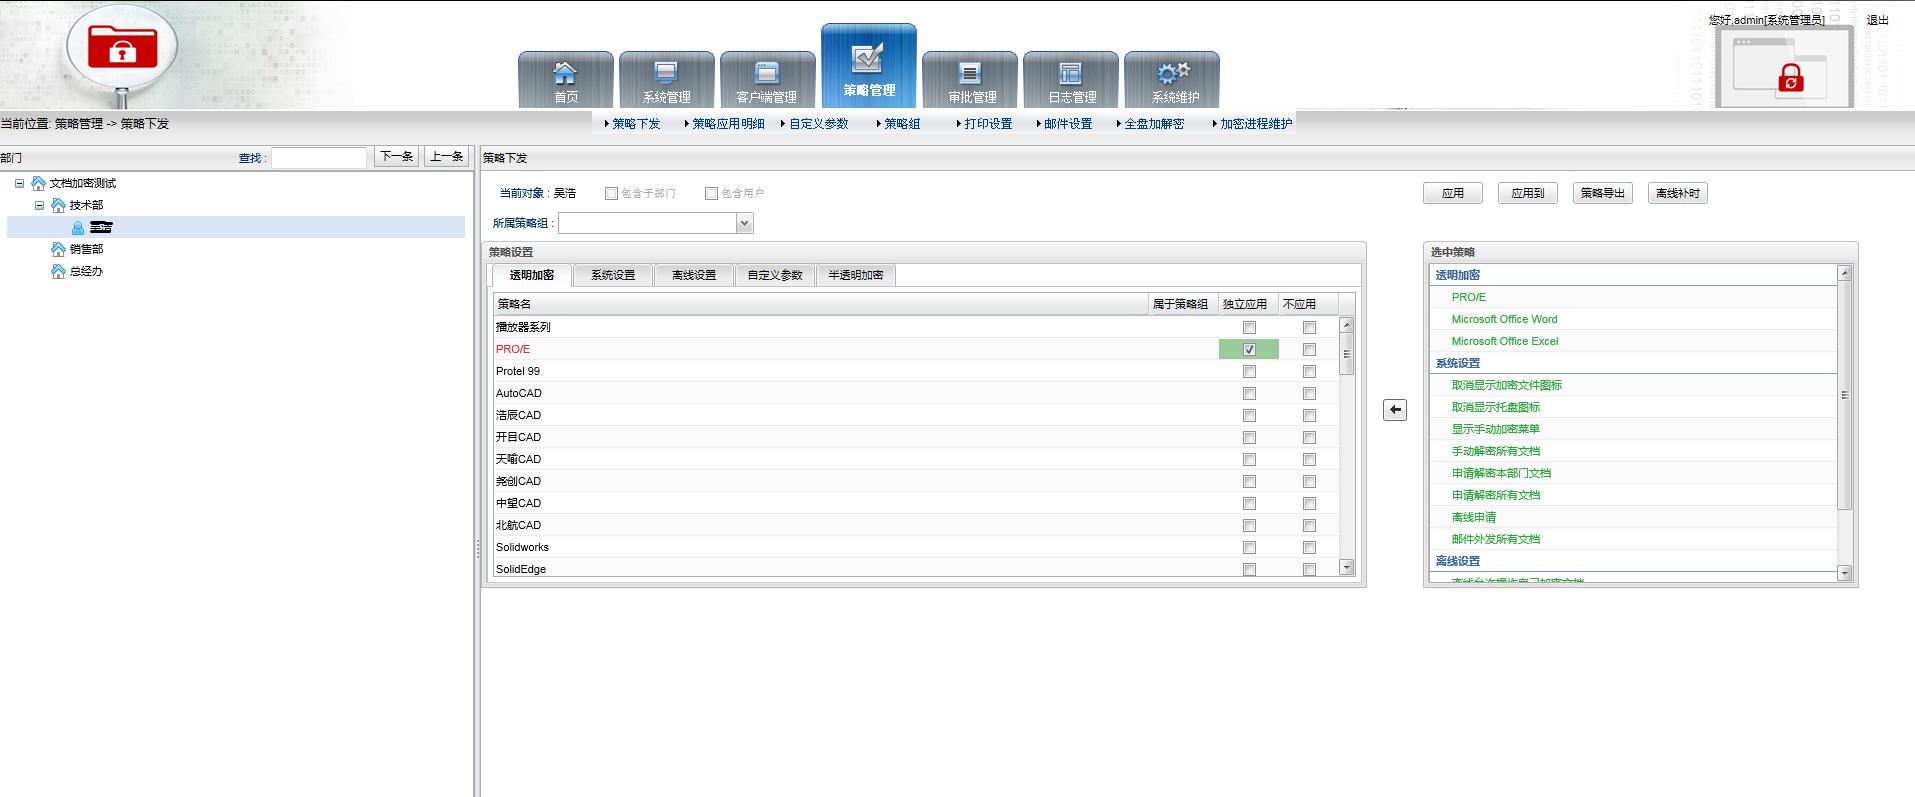 企业加密系统软件截图4